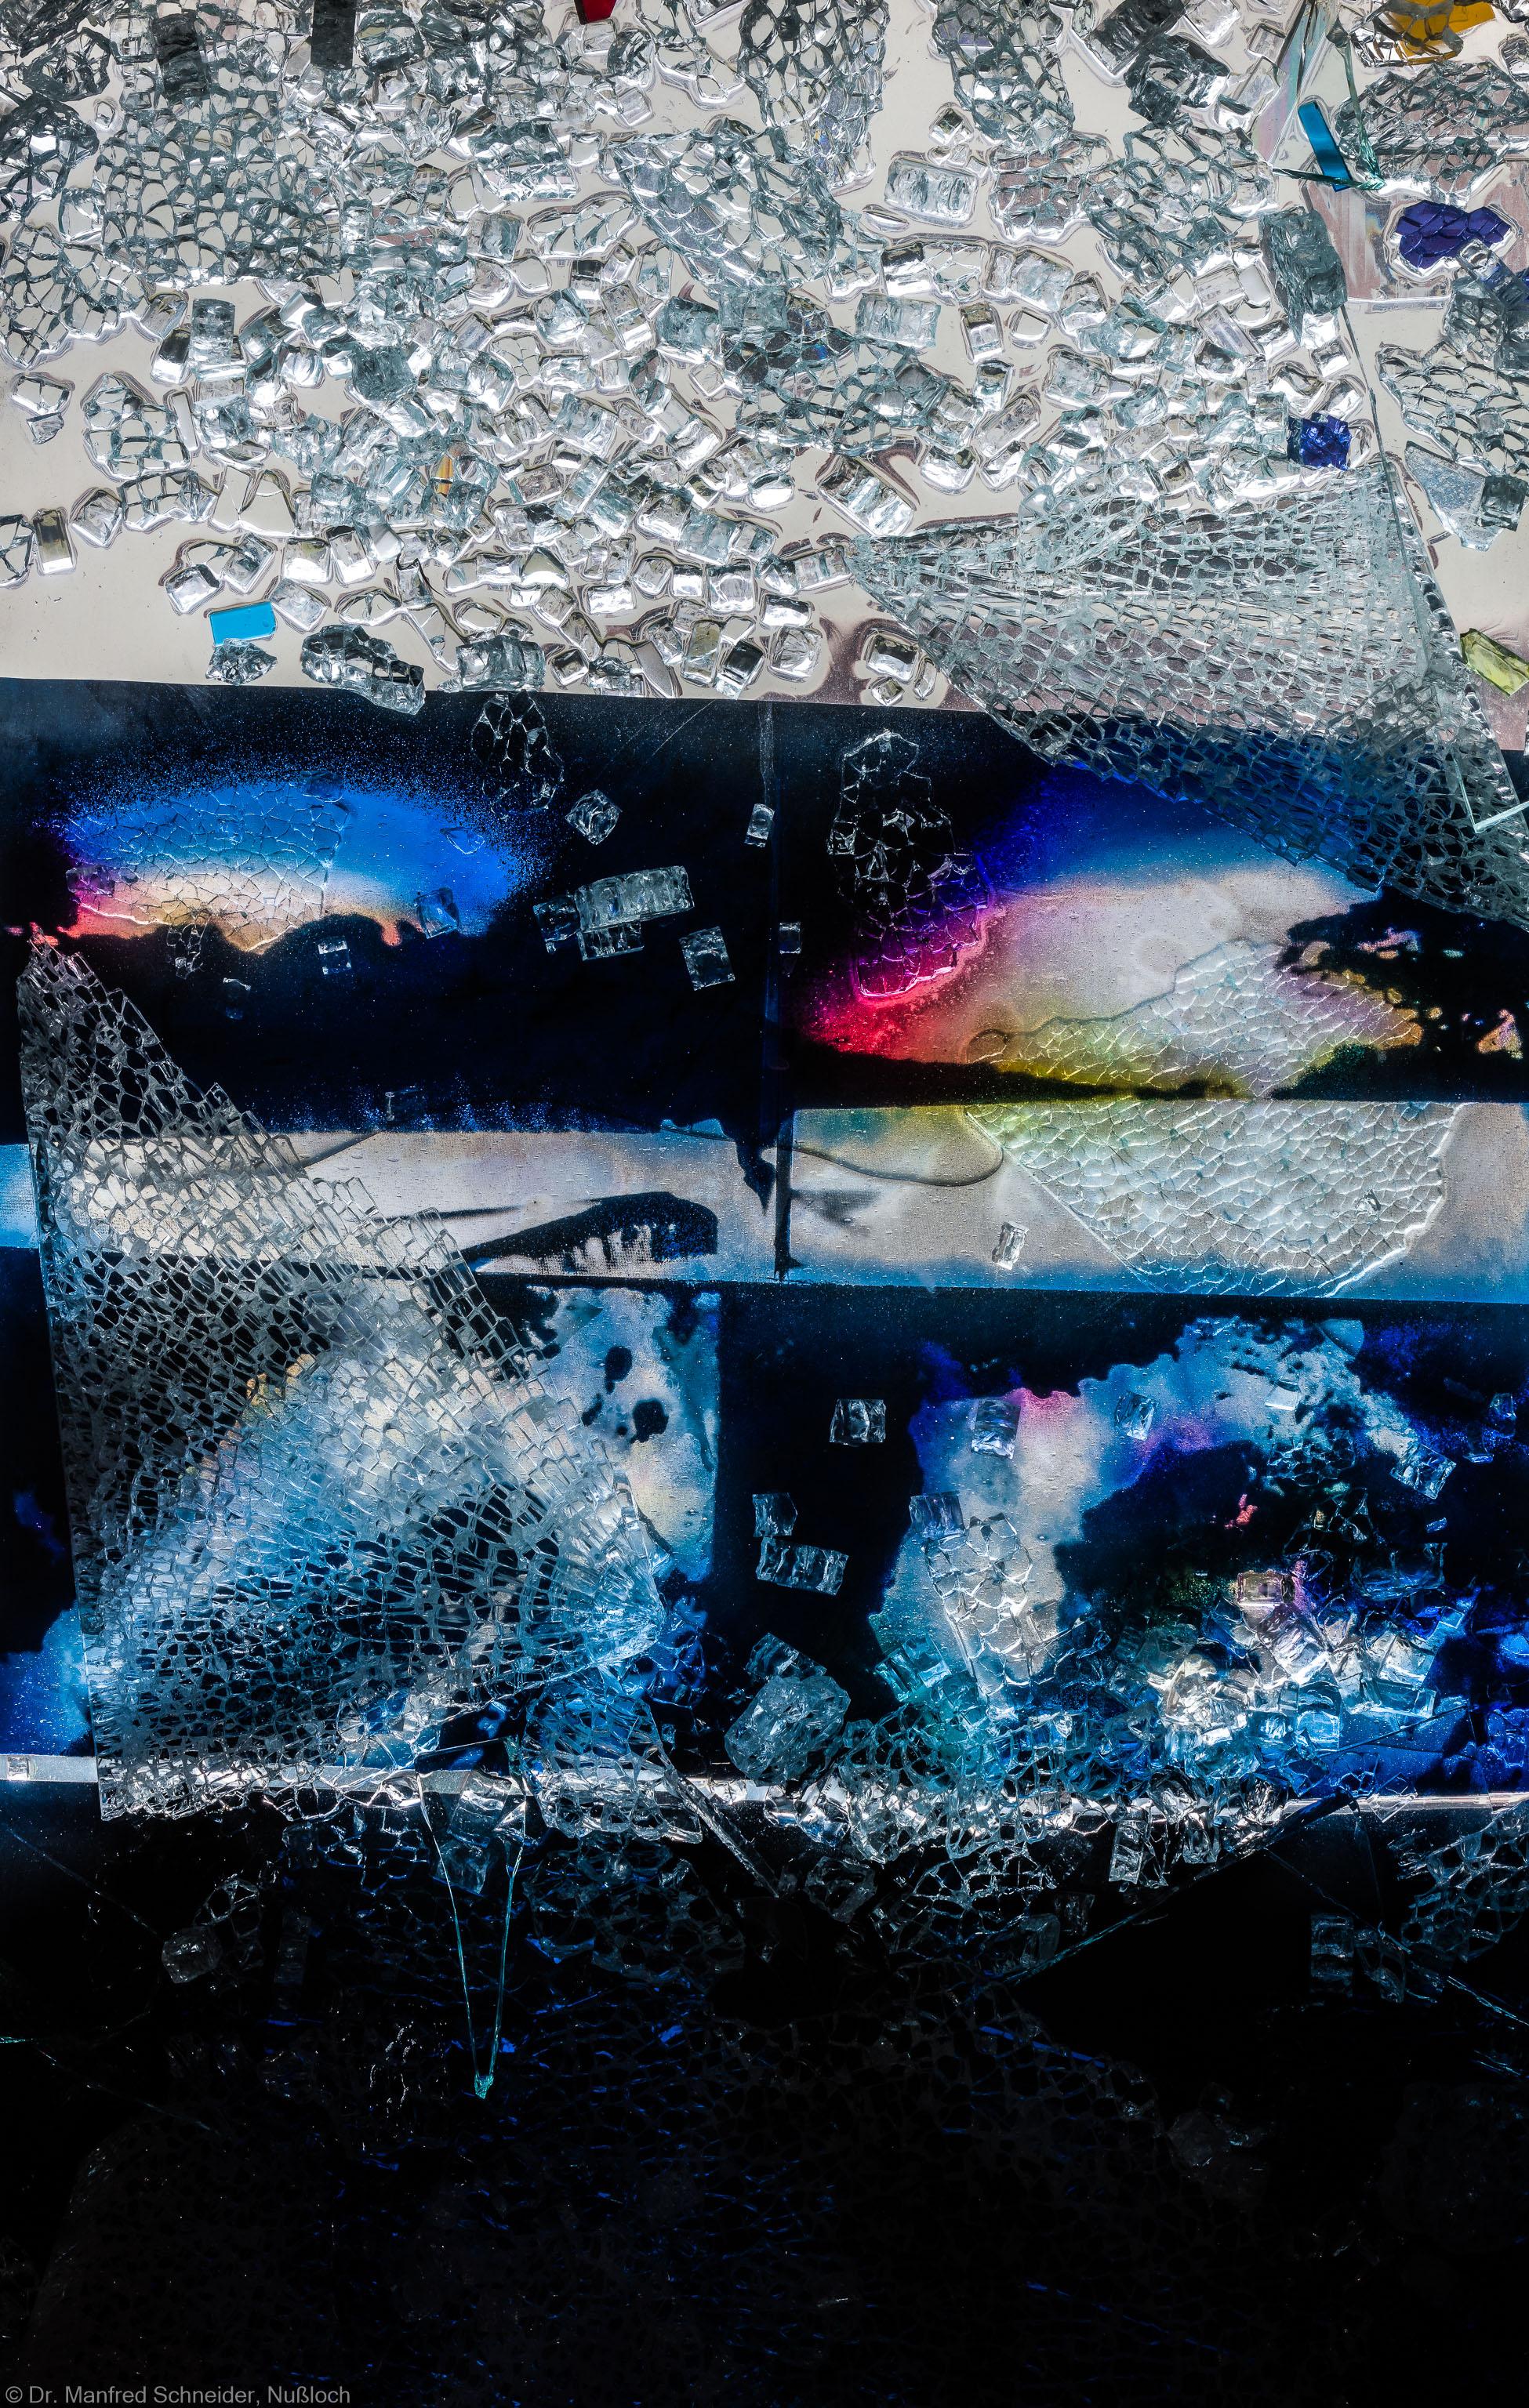 """Heidelberg - Heiliggeistkirche - Nordschiff - 3. Joch, von Westen aus gezählt - Feld (rechte Bahn, unterste Zeile) des Fensters """"Schöpfungsgeschichte - Gott sprach: es werde Licht"""" von Hella De Santarossa (aufgenommen im Oktober 2015, am späten Vormittag)"""